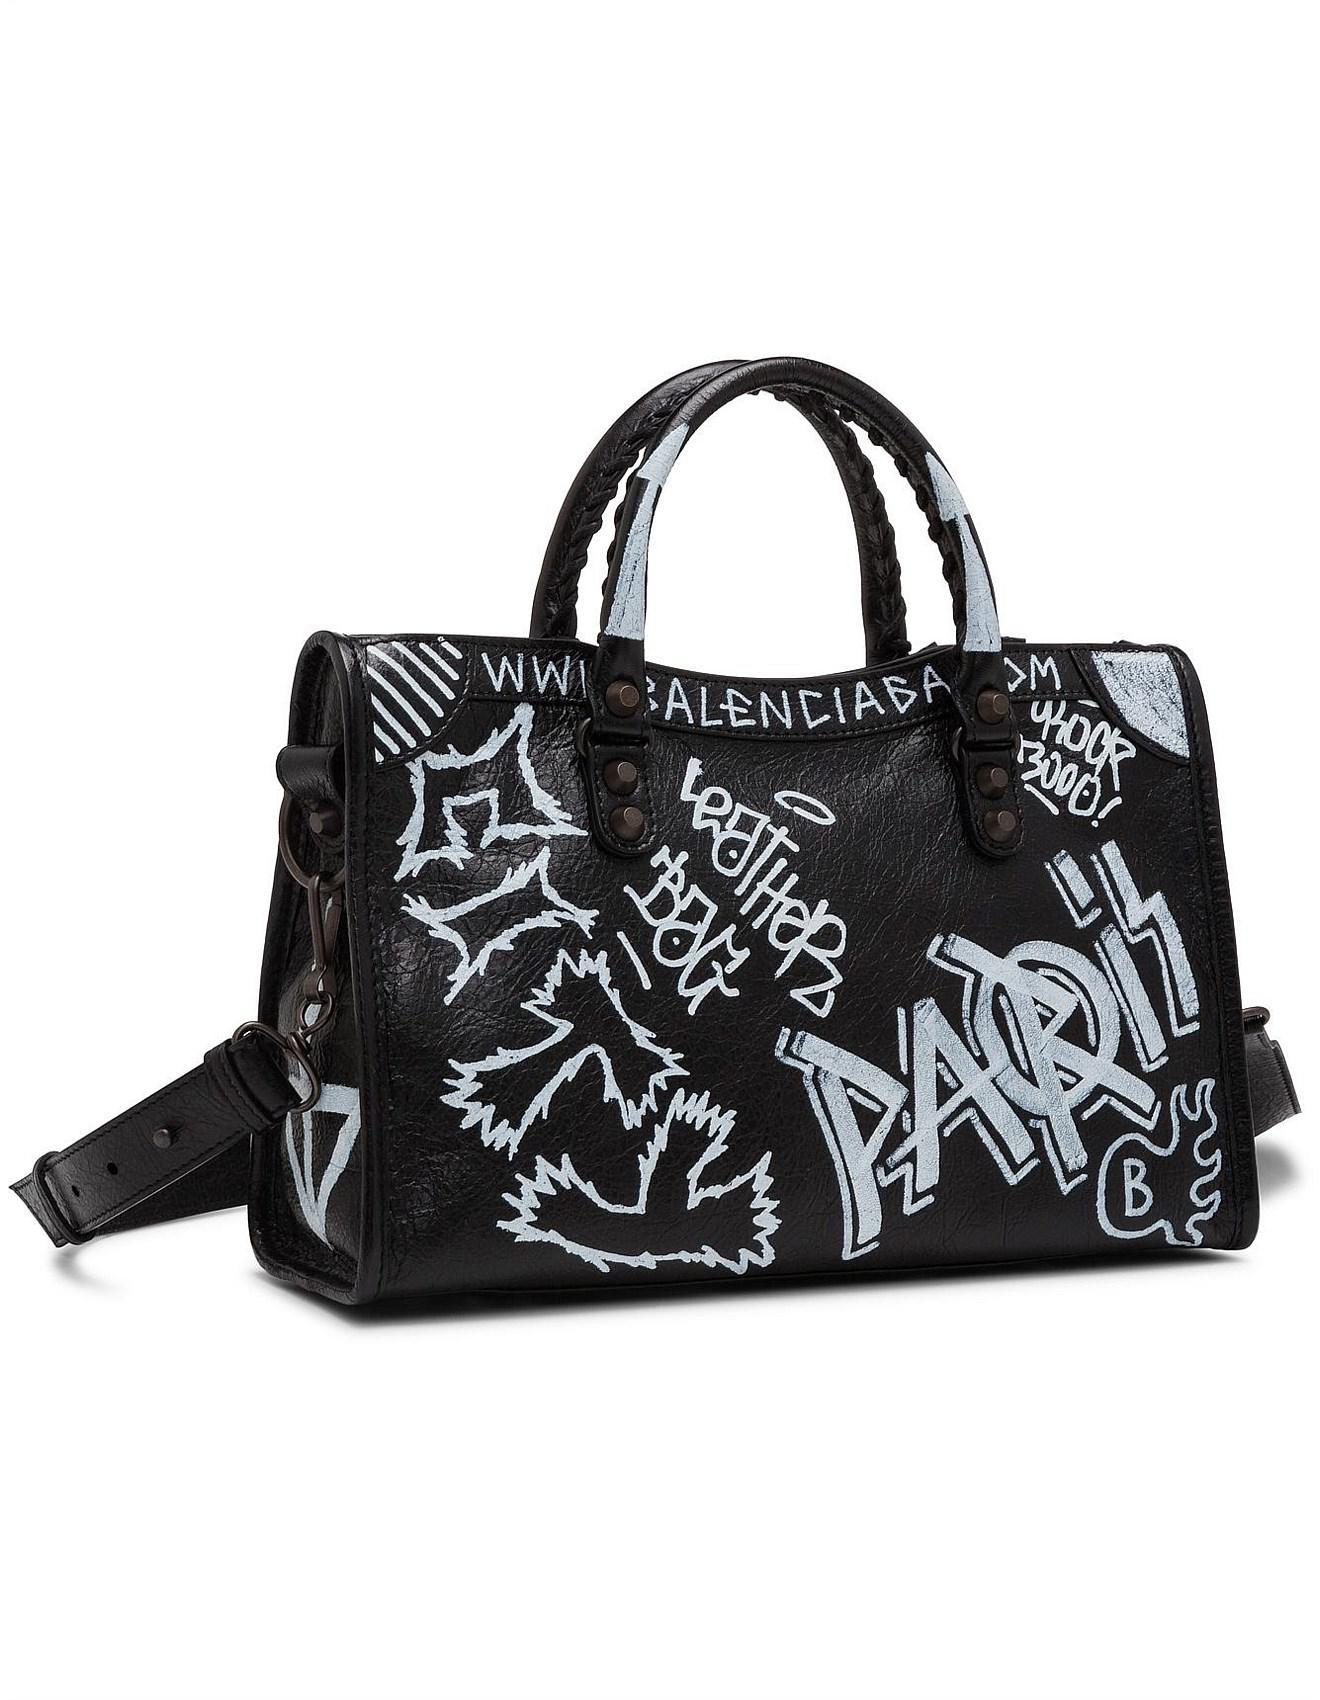 9540cdce8e02 BALENCIAGA CLASSIC CITY S GRAFFITI balenciaga bags